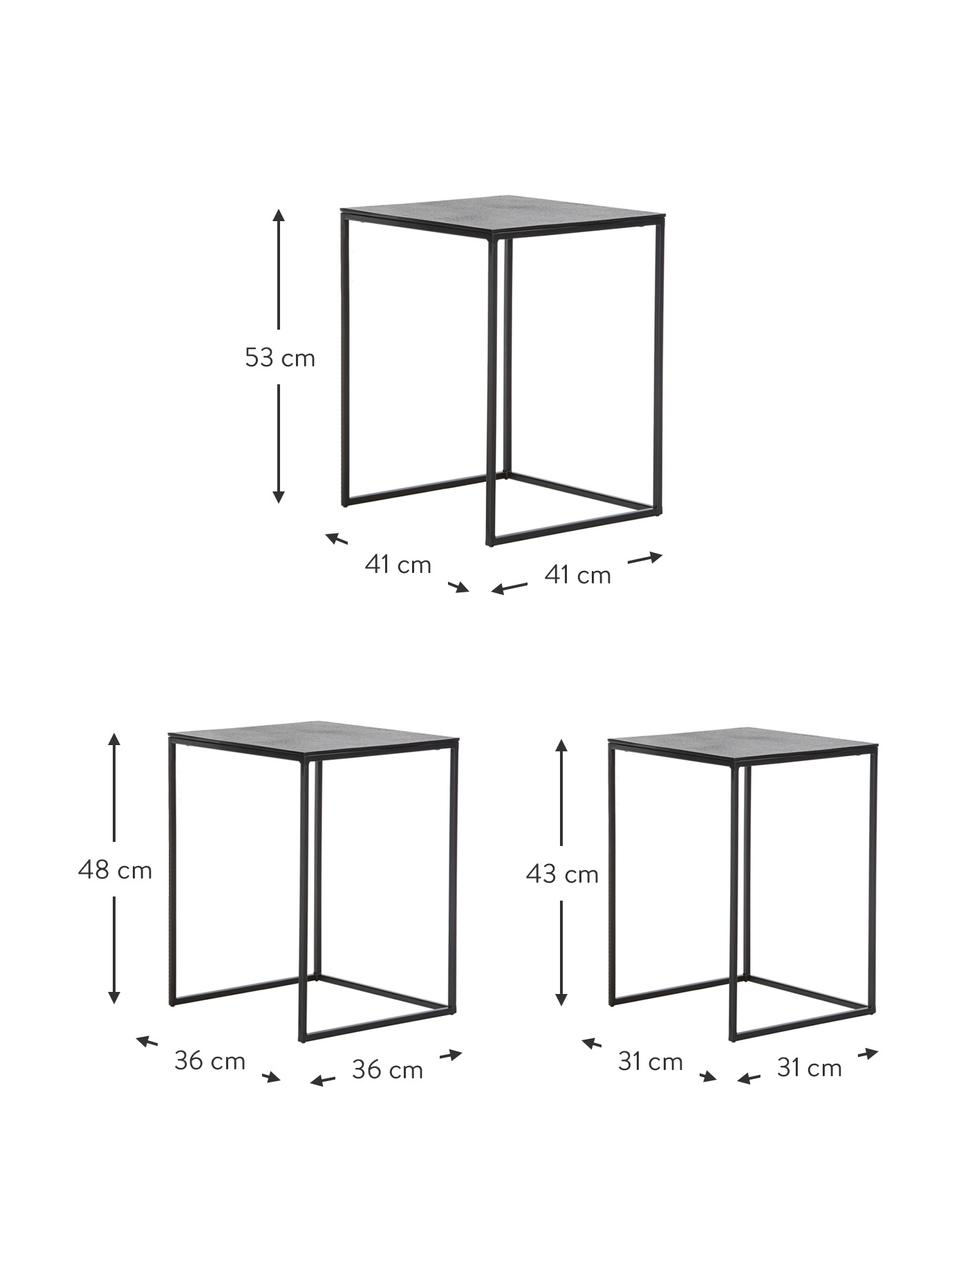 Metalen bijzettafelsset Dwayne, 3-delig, Frame: gelakt metaal, Zwart met antieke finish, Set met verschillende formaten